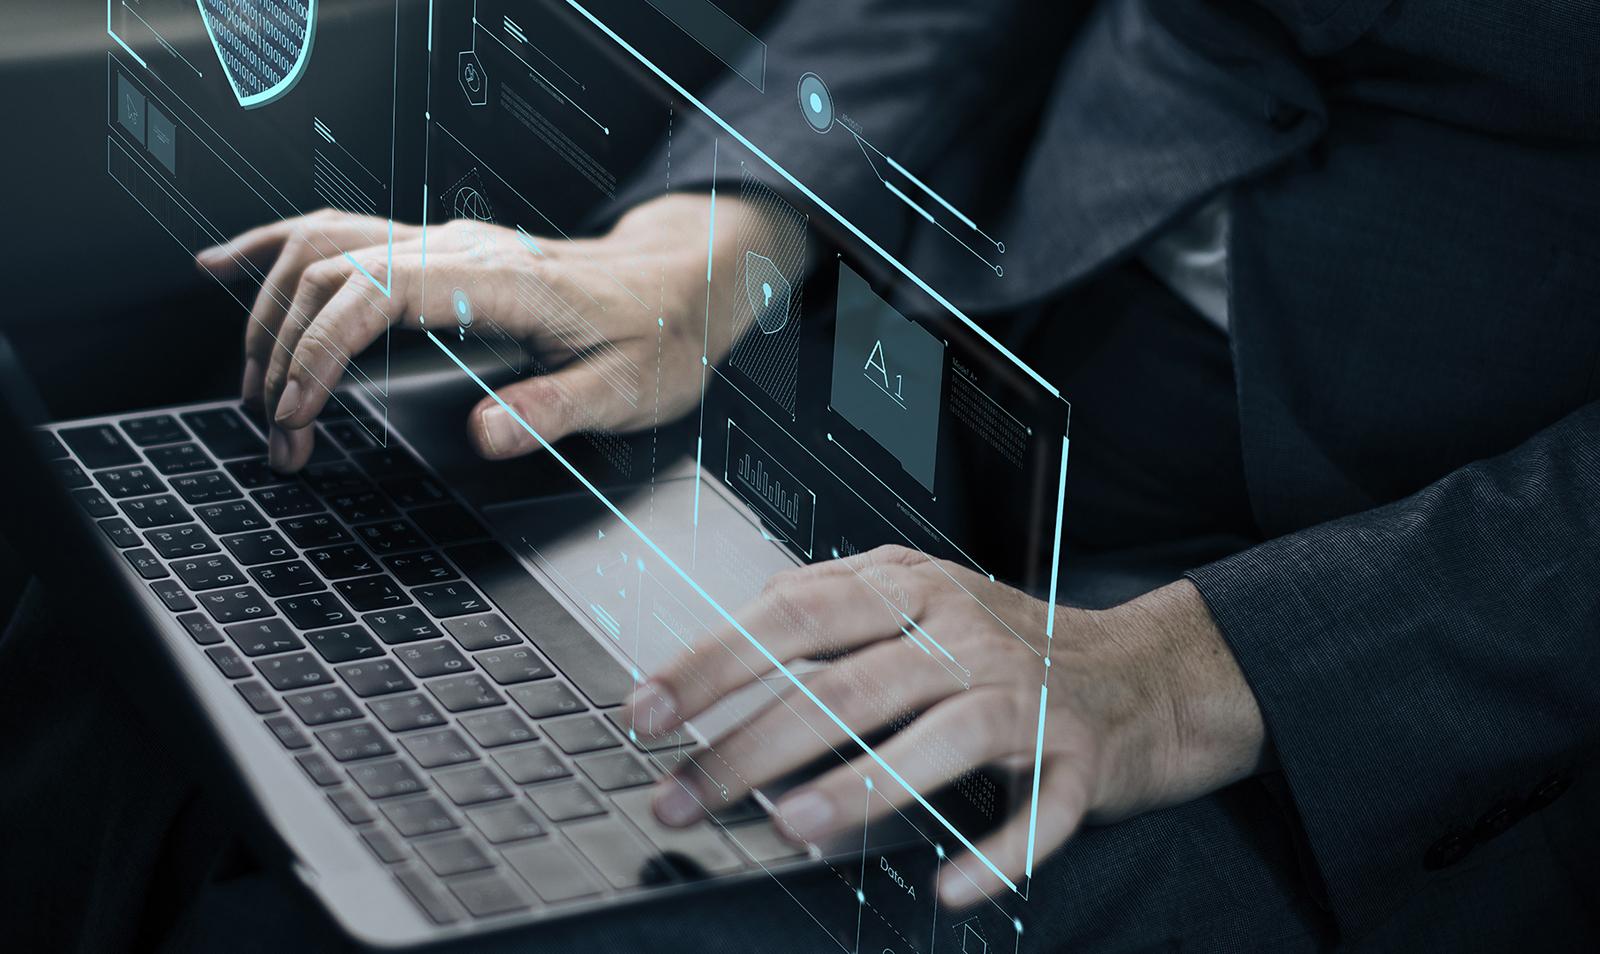 Опрос: большинство офисных работников обходят корпоративные системы ИБ